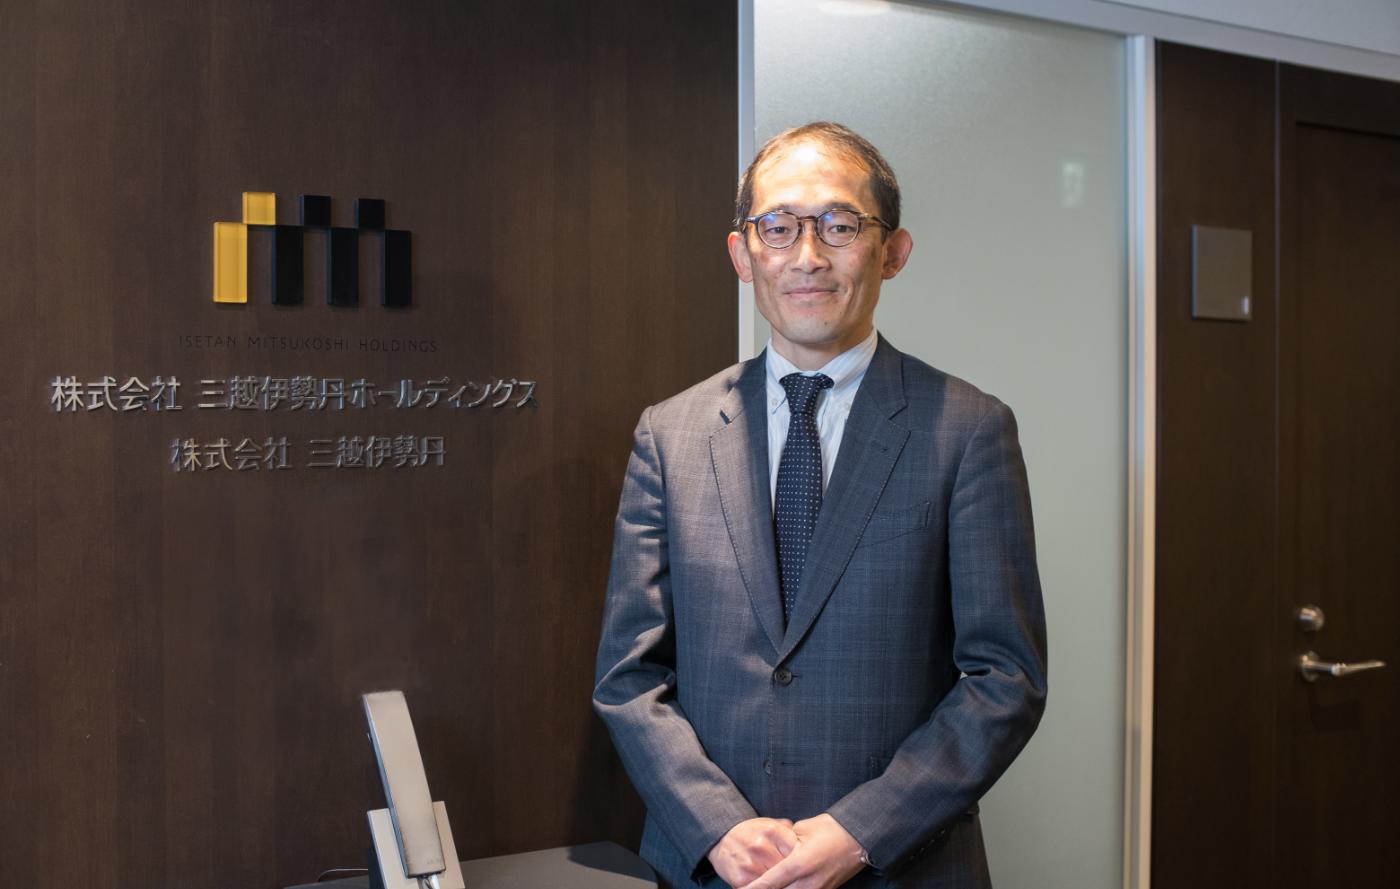 株式会社IM Digital Lab 代表取締役社長 三部智英様